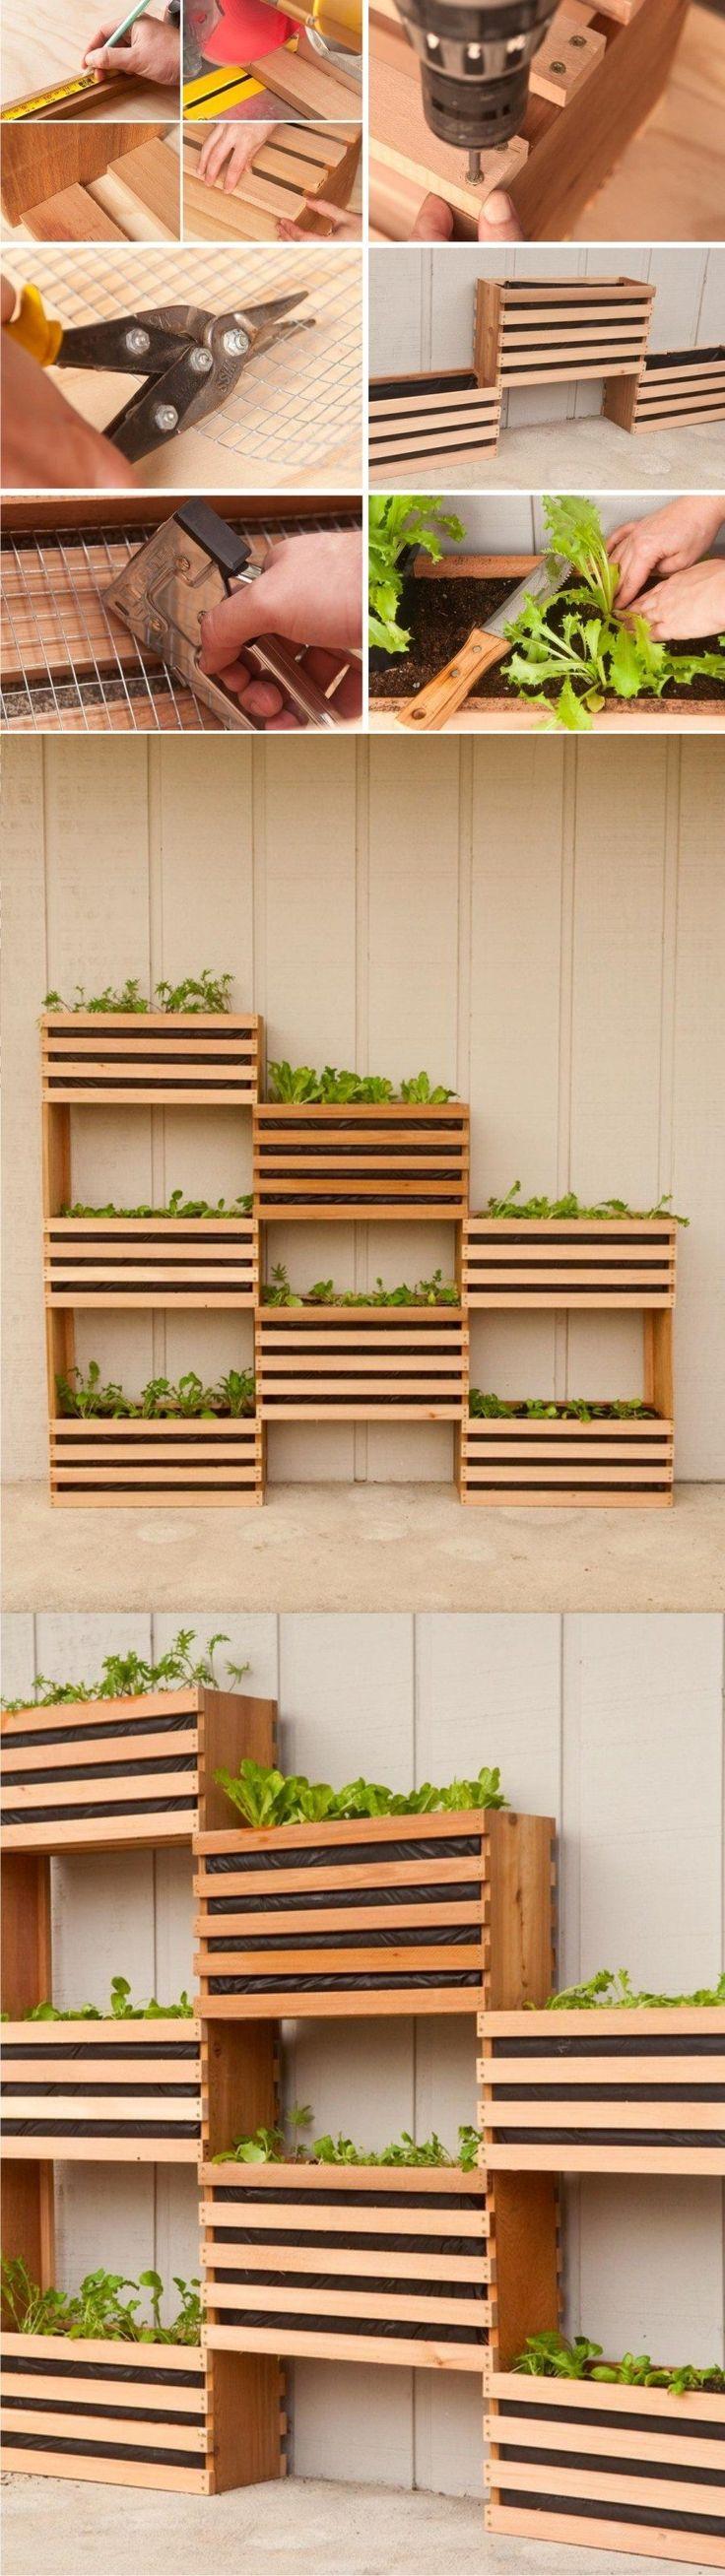 Jardín vertical DIY - Vía manmadediy.com                                                                                                                                                                                 Más